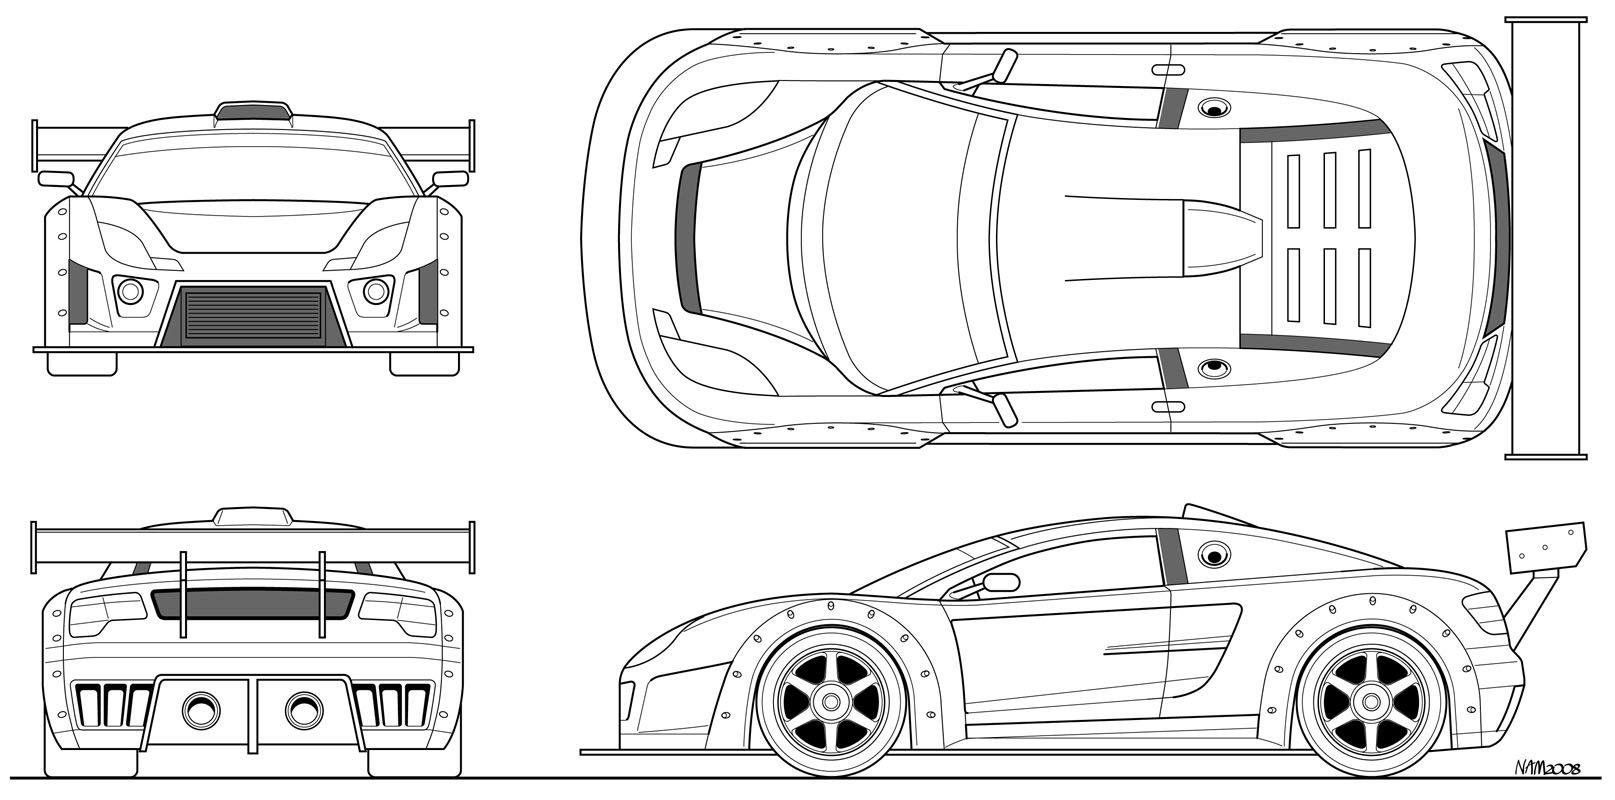 Supercar 40 Blueprints New 800